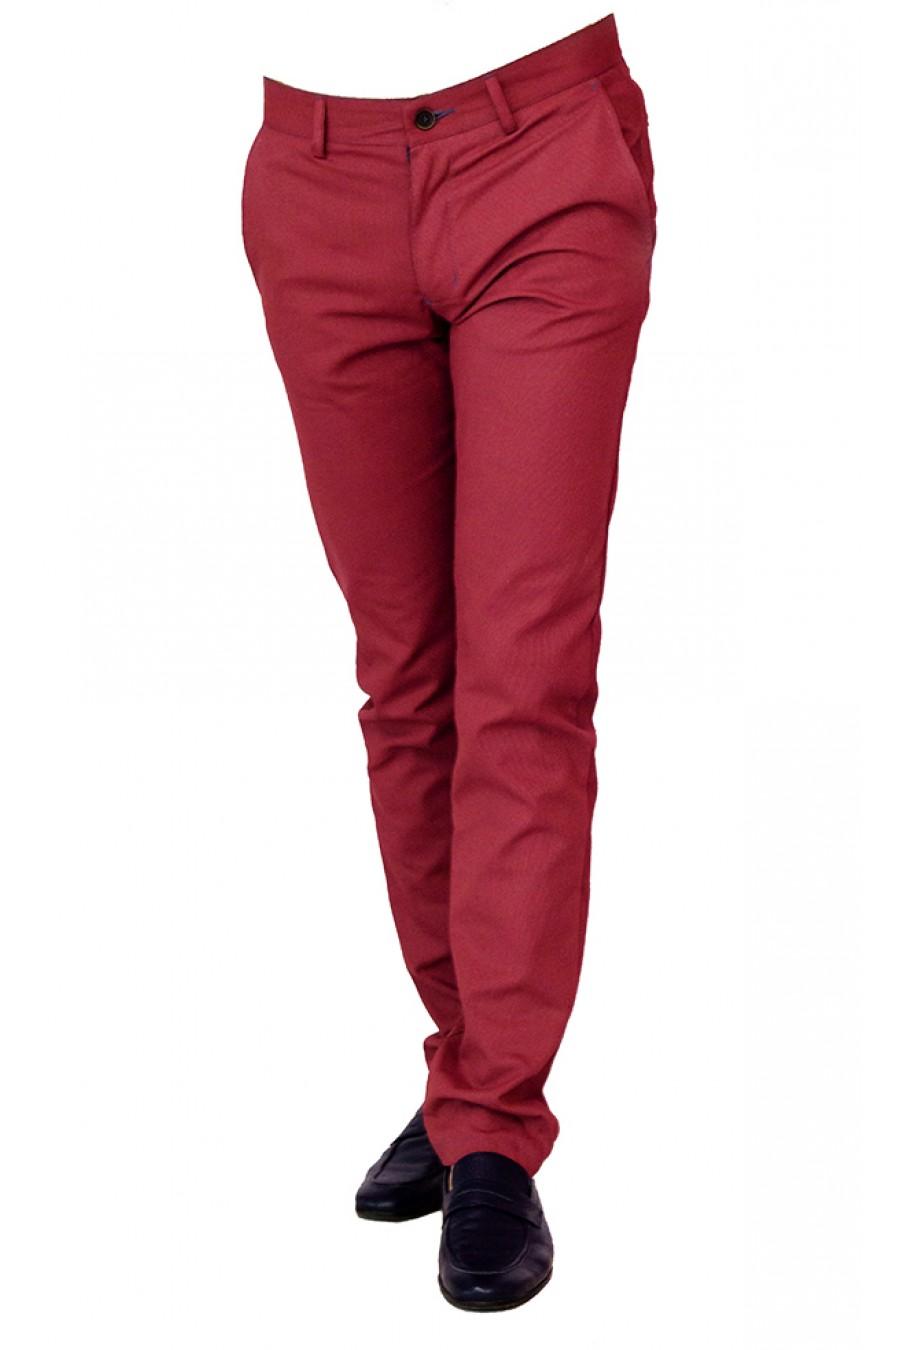 Червоні штани чоловічі купити  23aea4328b168